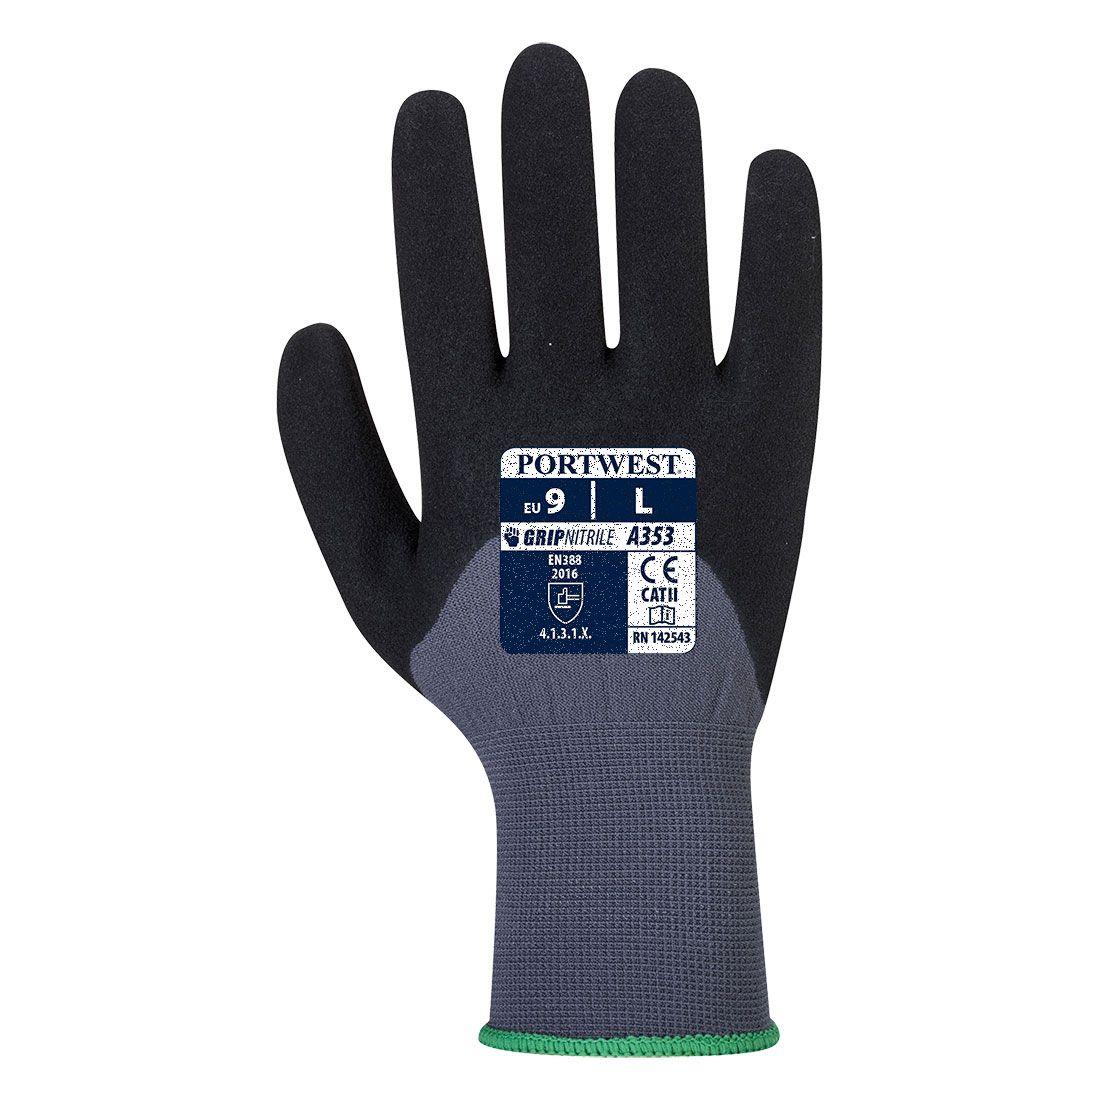 Portwest Handschoenen A353 grijs-zwart(G8)